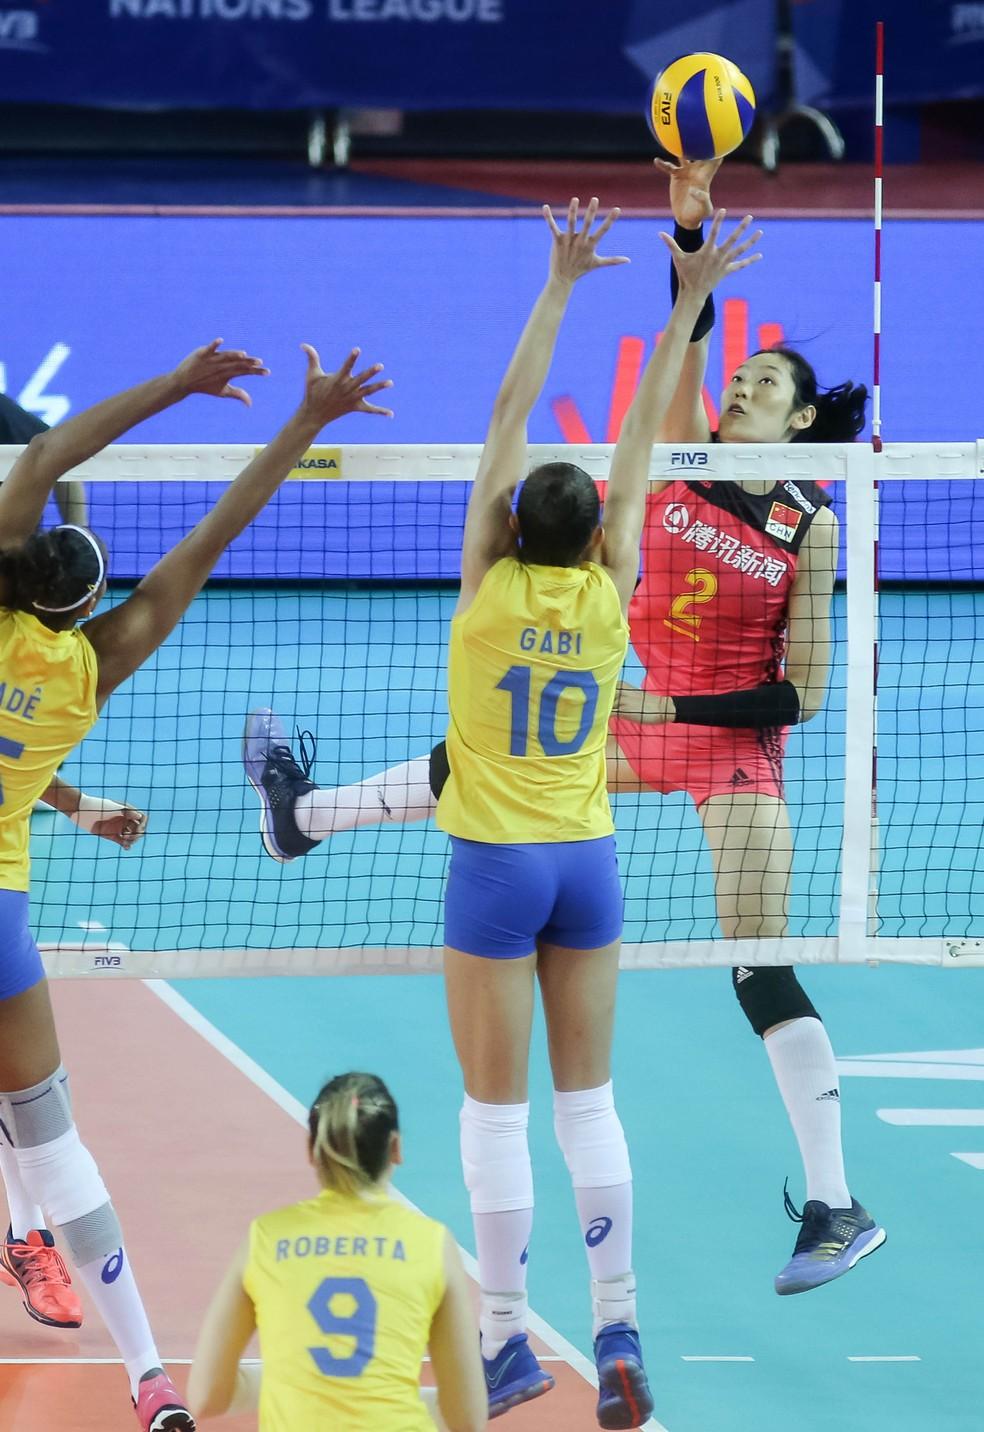 Ting Zhu foi a maior pontuadora do jogo (Foto: Divulgação/FIVB)